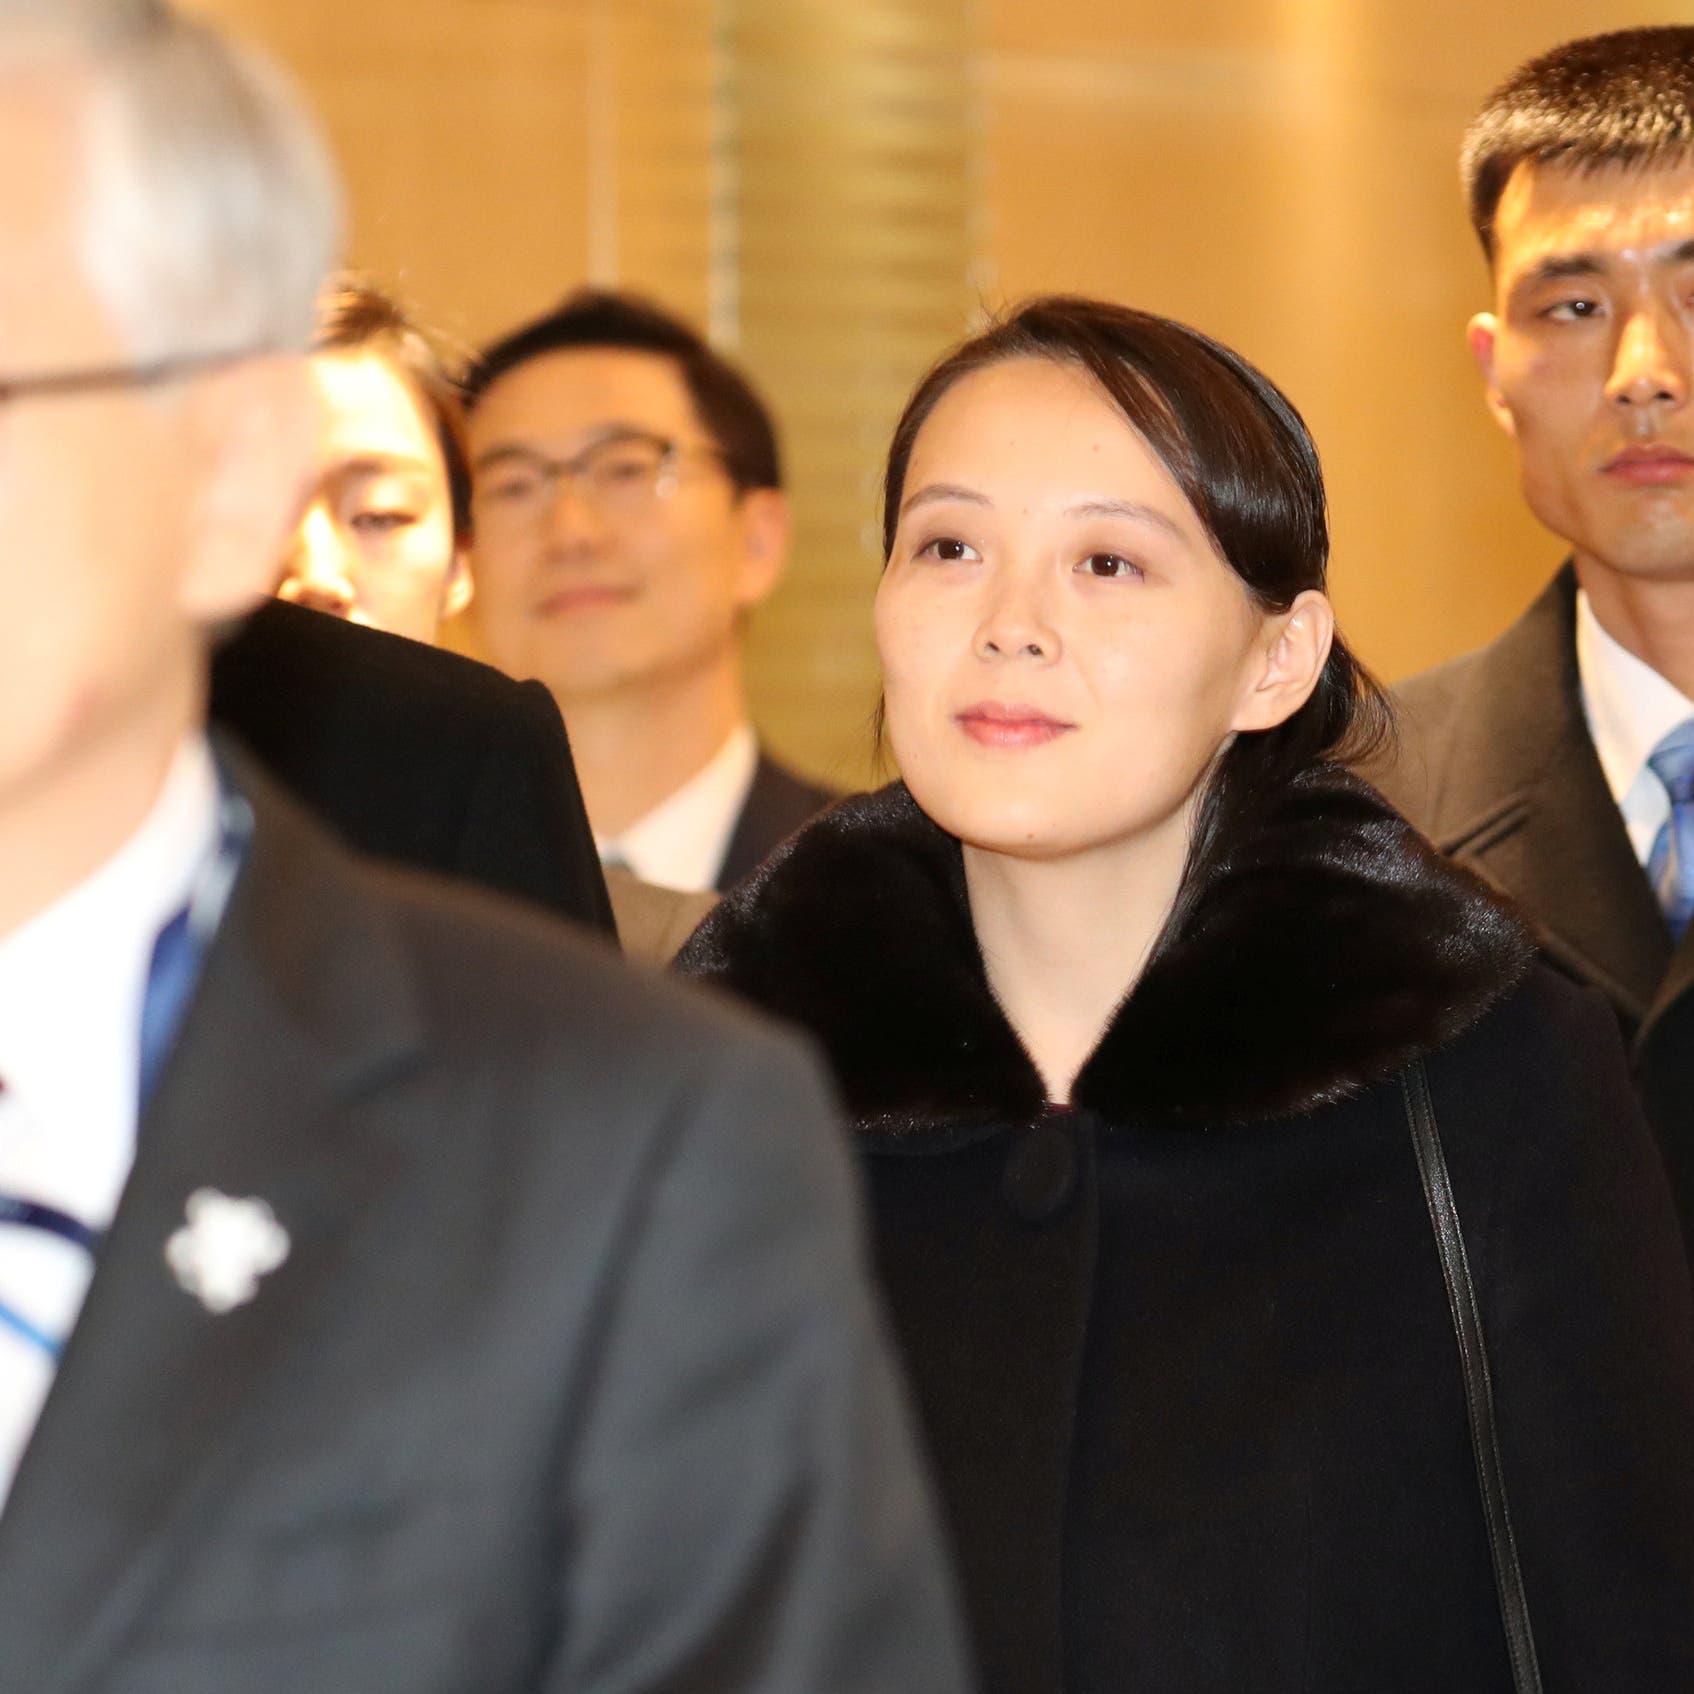 شقيقة كيم تنتقد واشنطن وتنفي احتمال استئناف المحادثات